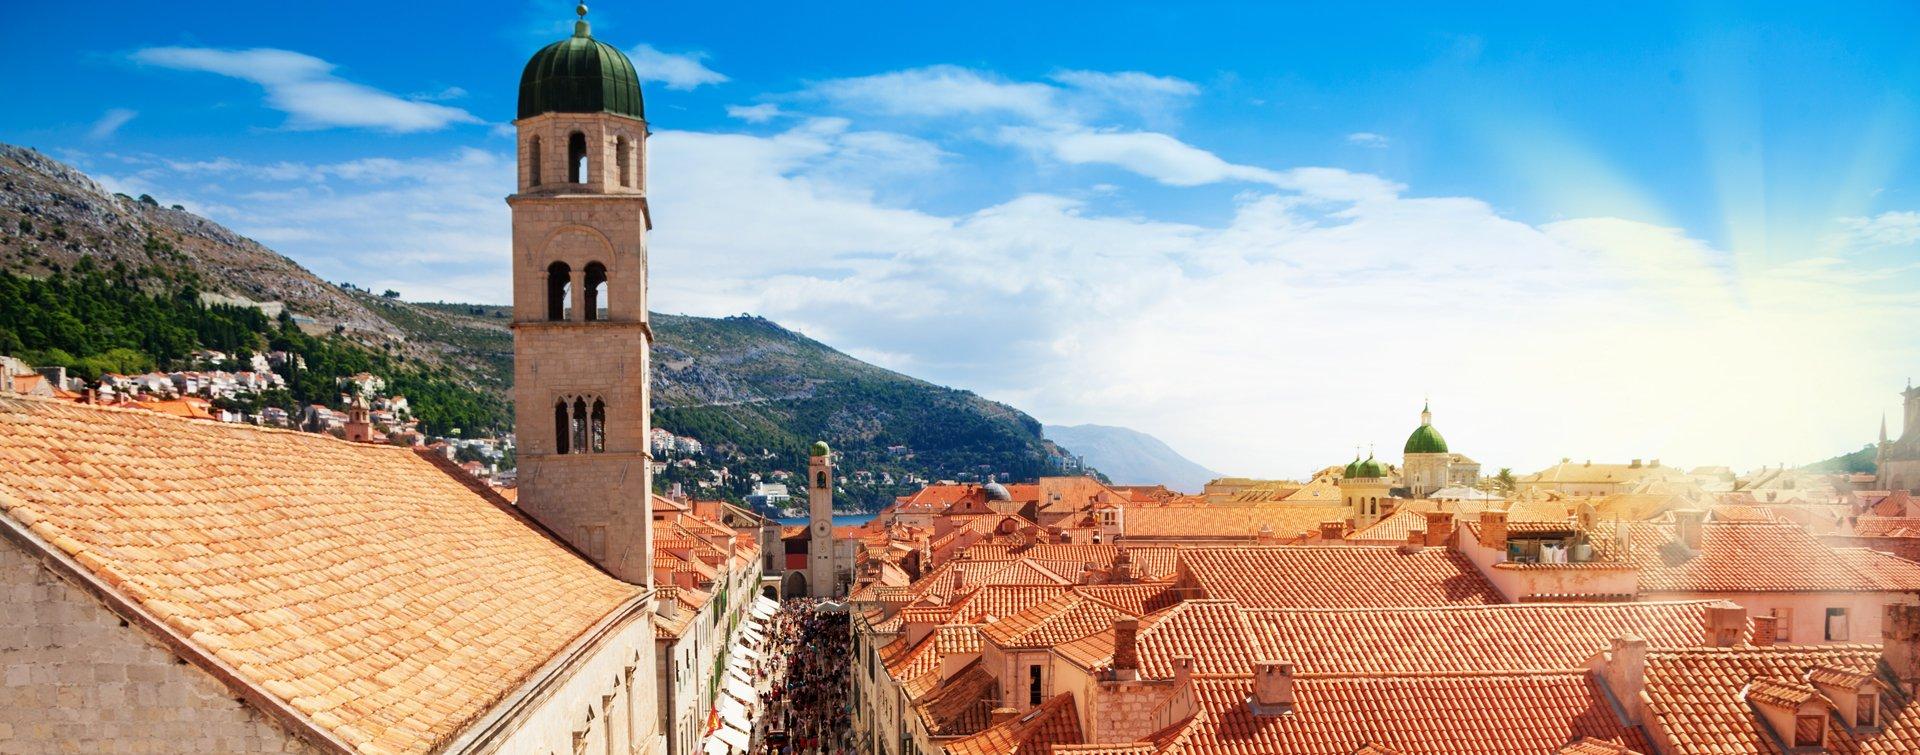 Zicht op Dubrovnik, Kroatië